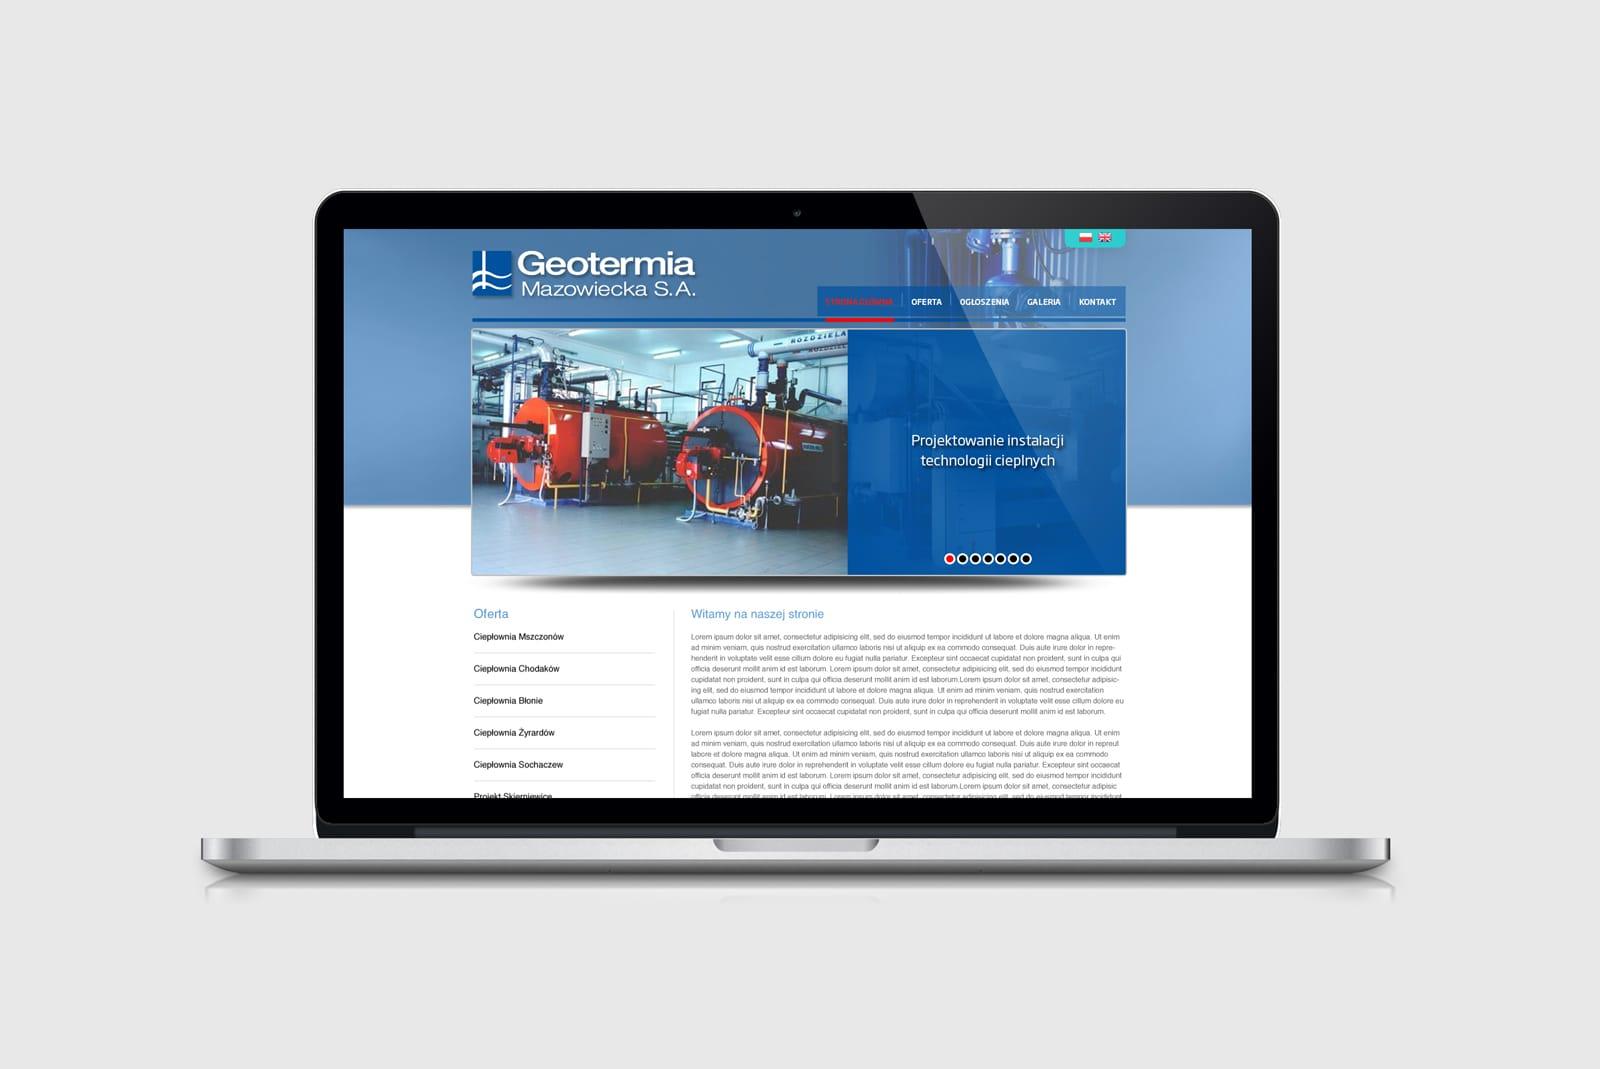 Geotermia Mazowiecka SA projektowanie stron internetowych Agencja brandingowa Moweli Creative